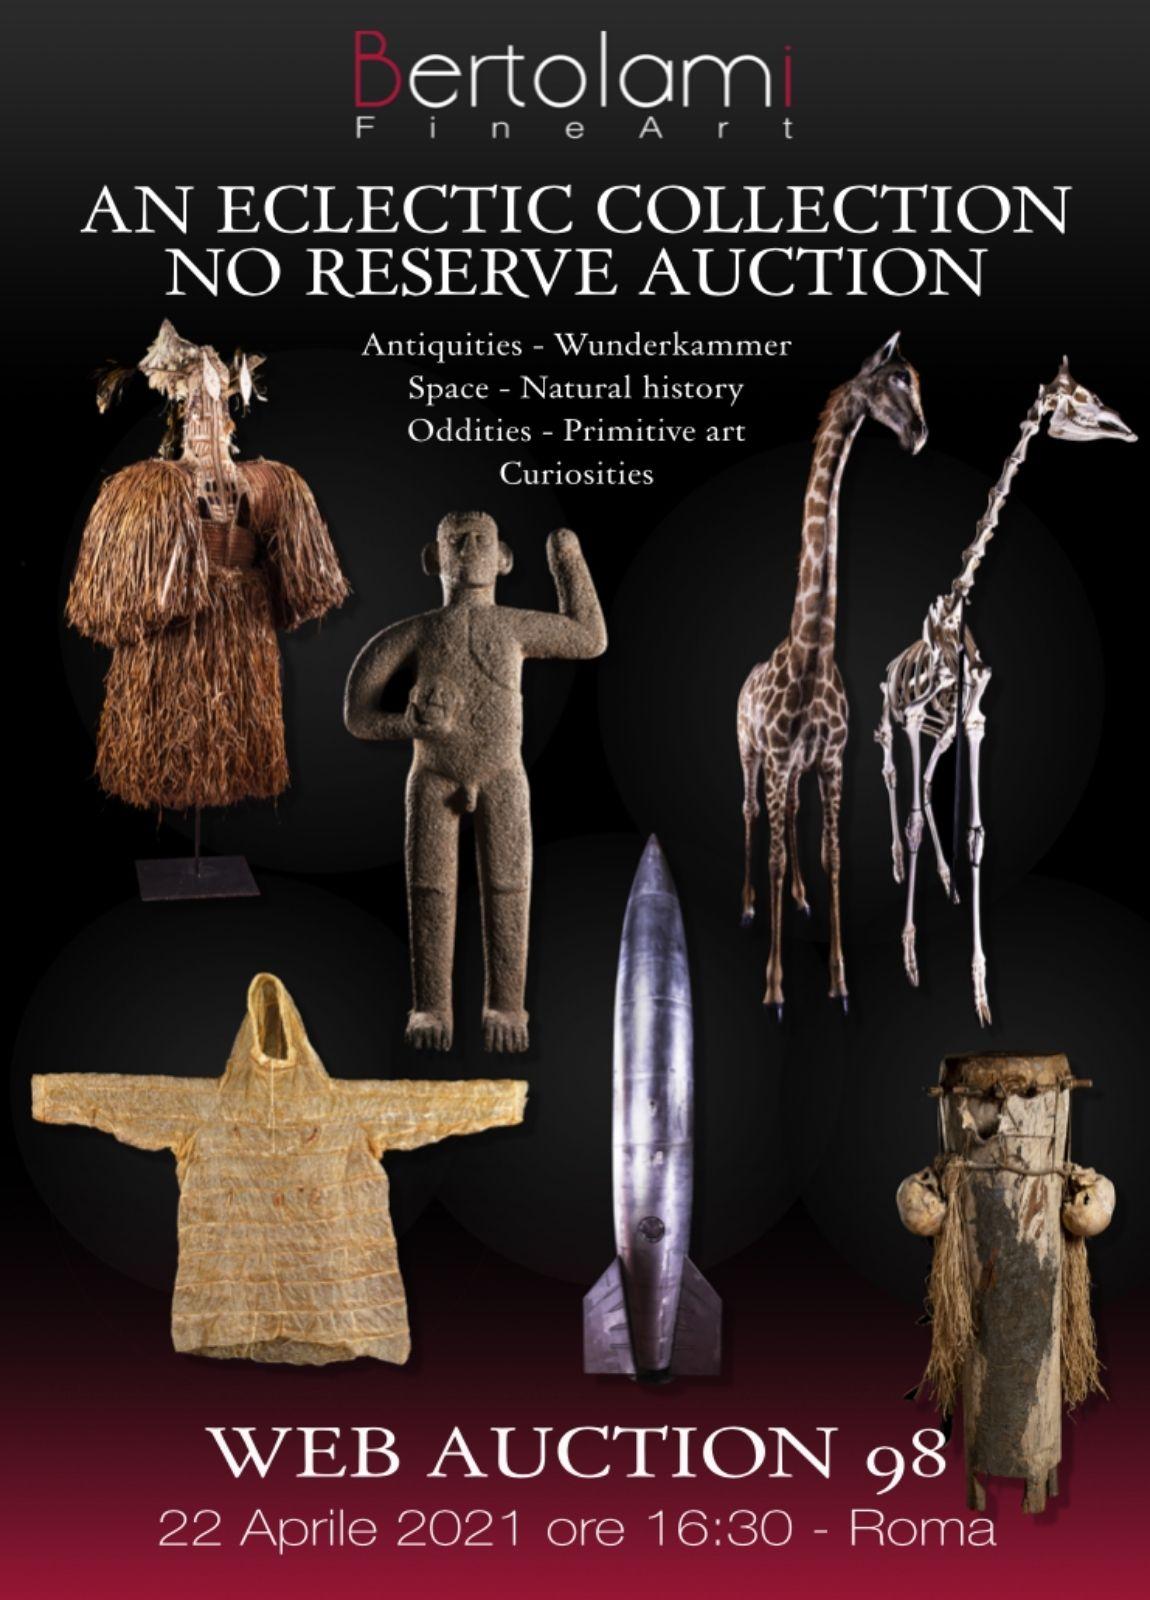 Auction Une collection éclectique: bizarreries, curiosités et merveilles (Web Auction 98) at Bertolami Fine Arts : 197 lots